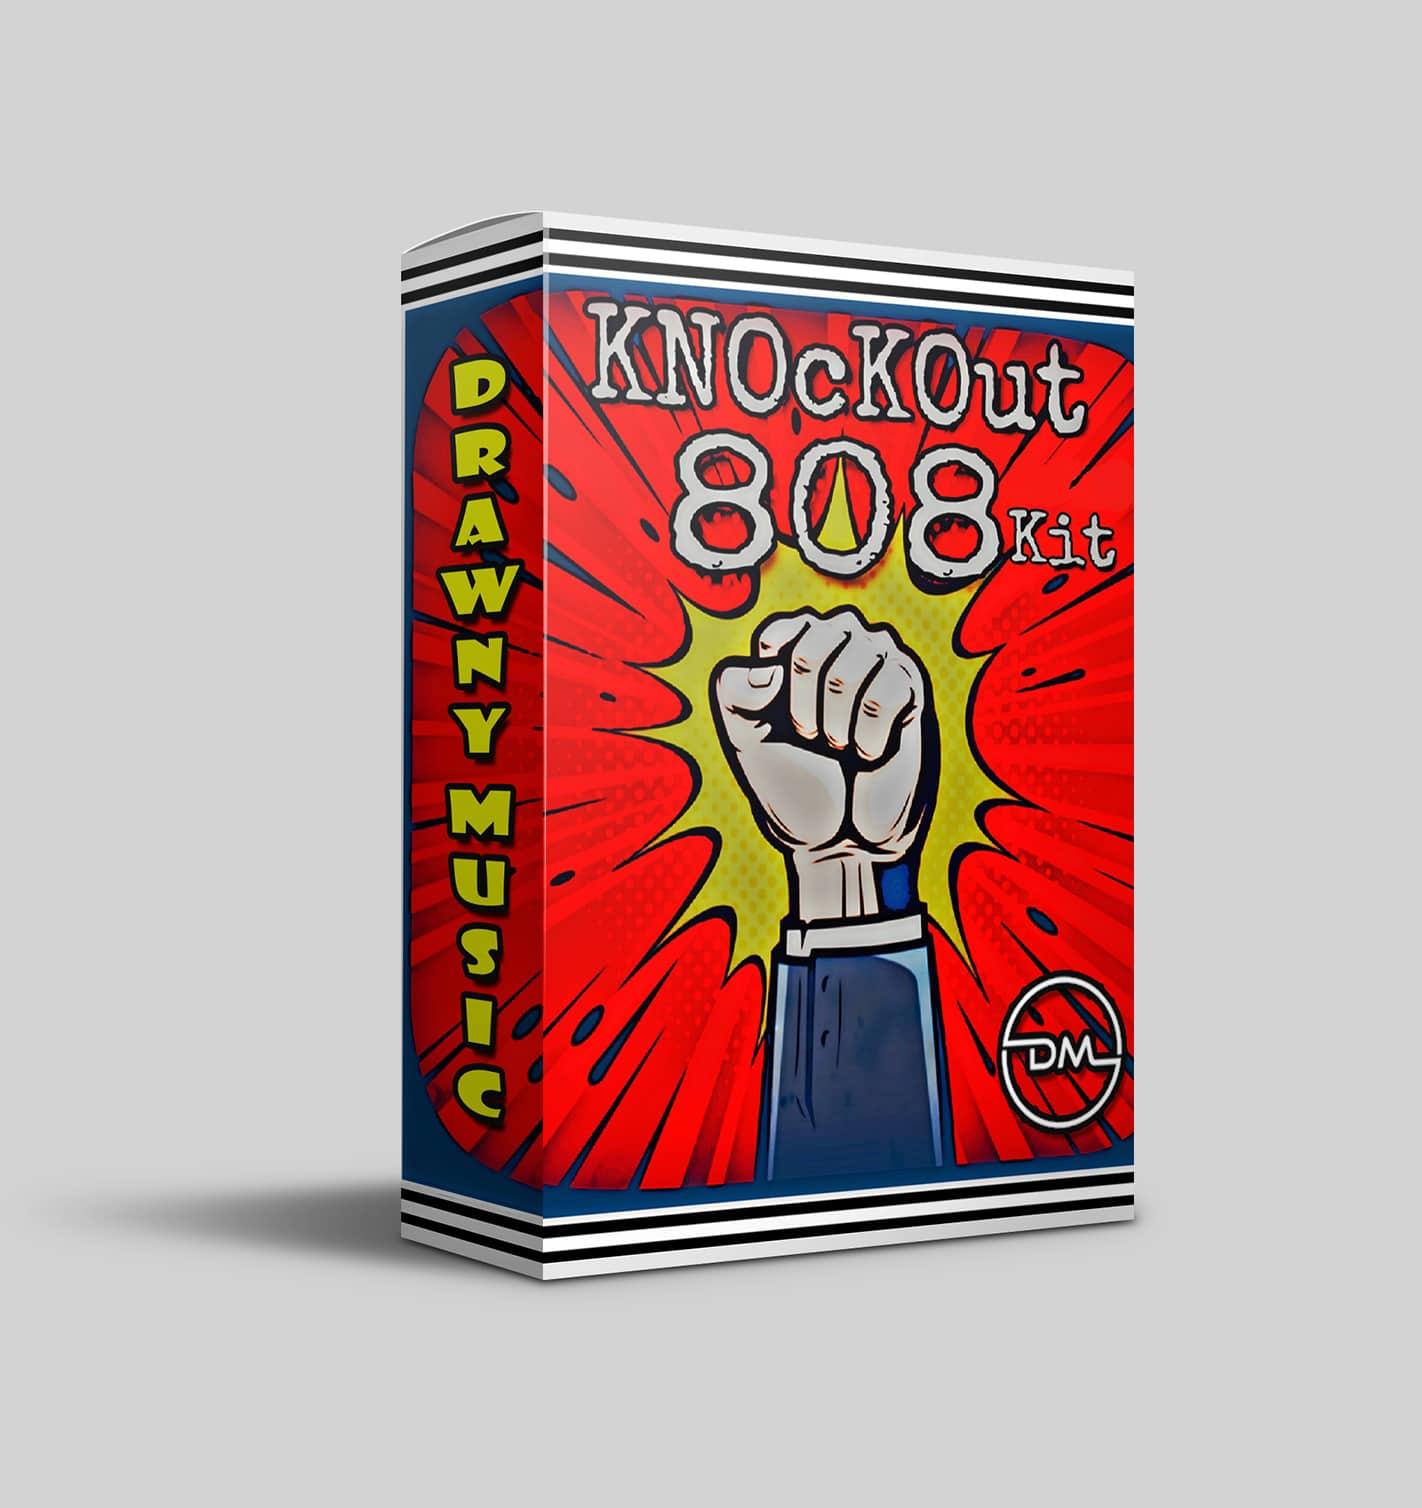 Knockout 808 KIT